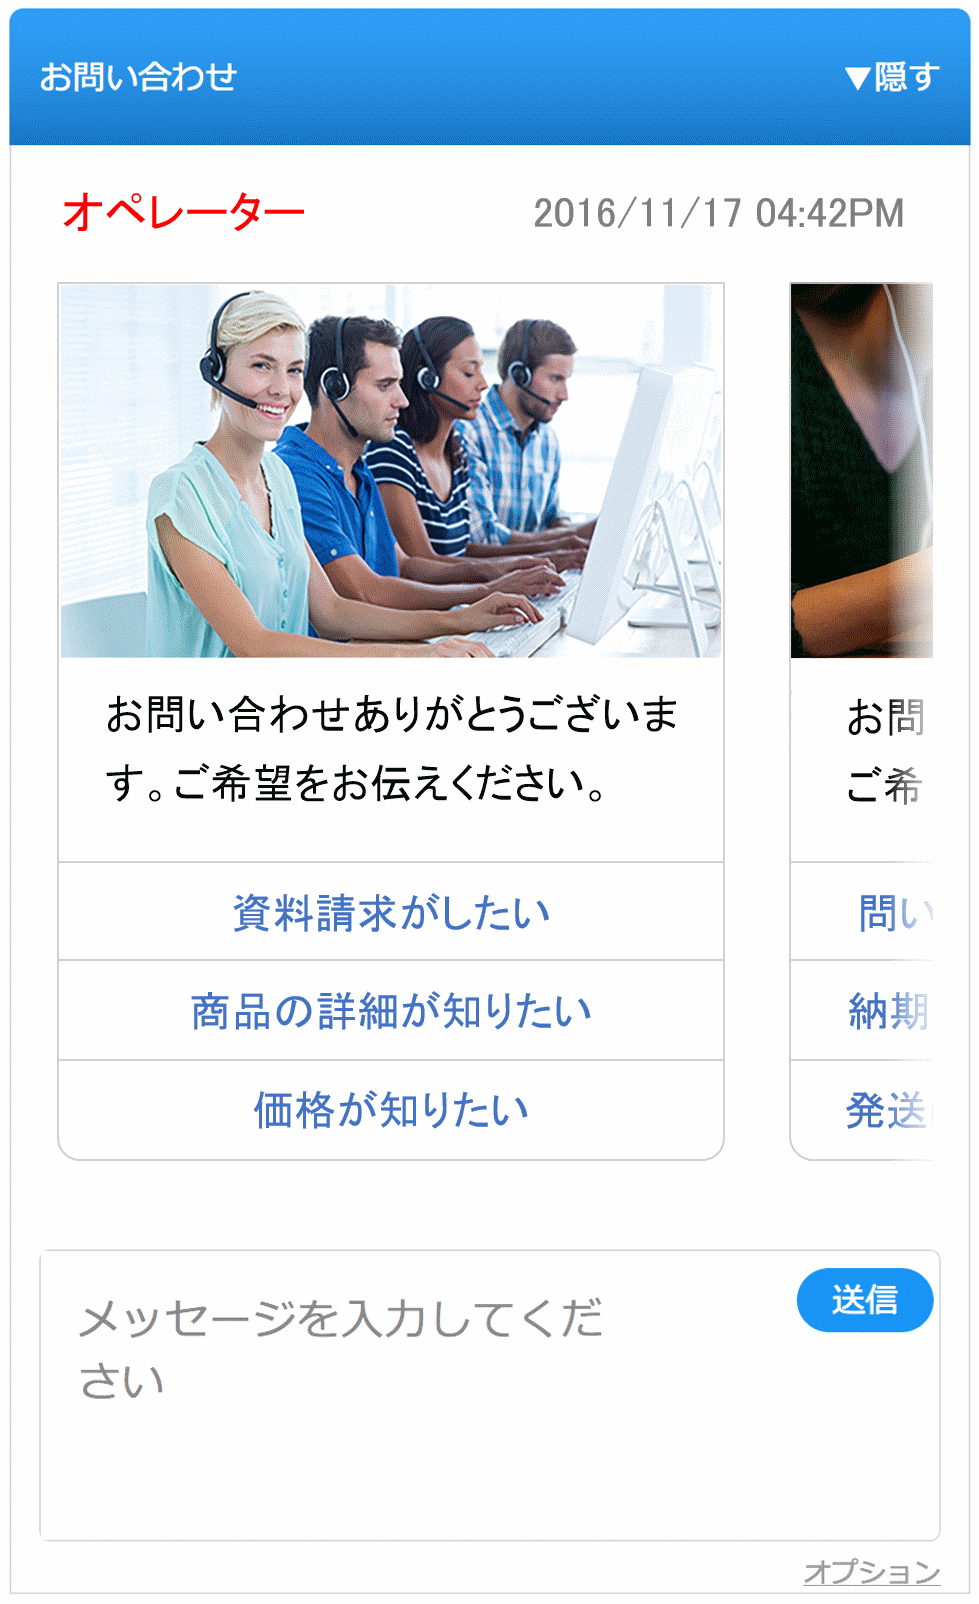 メッセージ・コンテンツのリッチUI表示